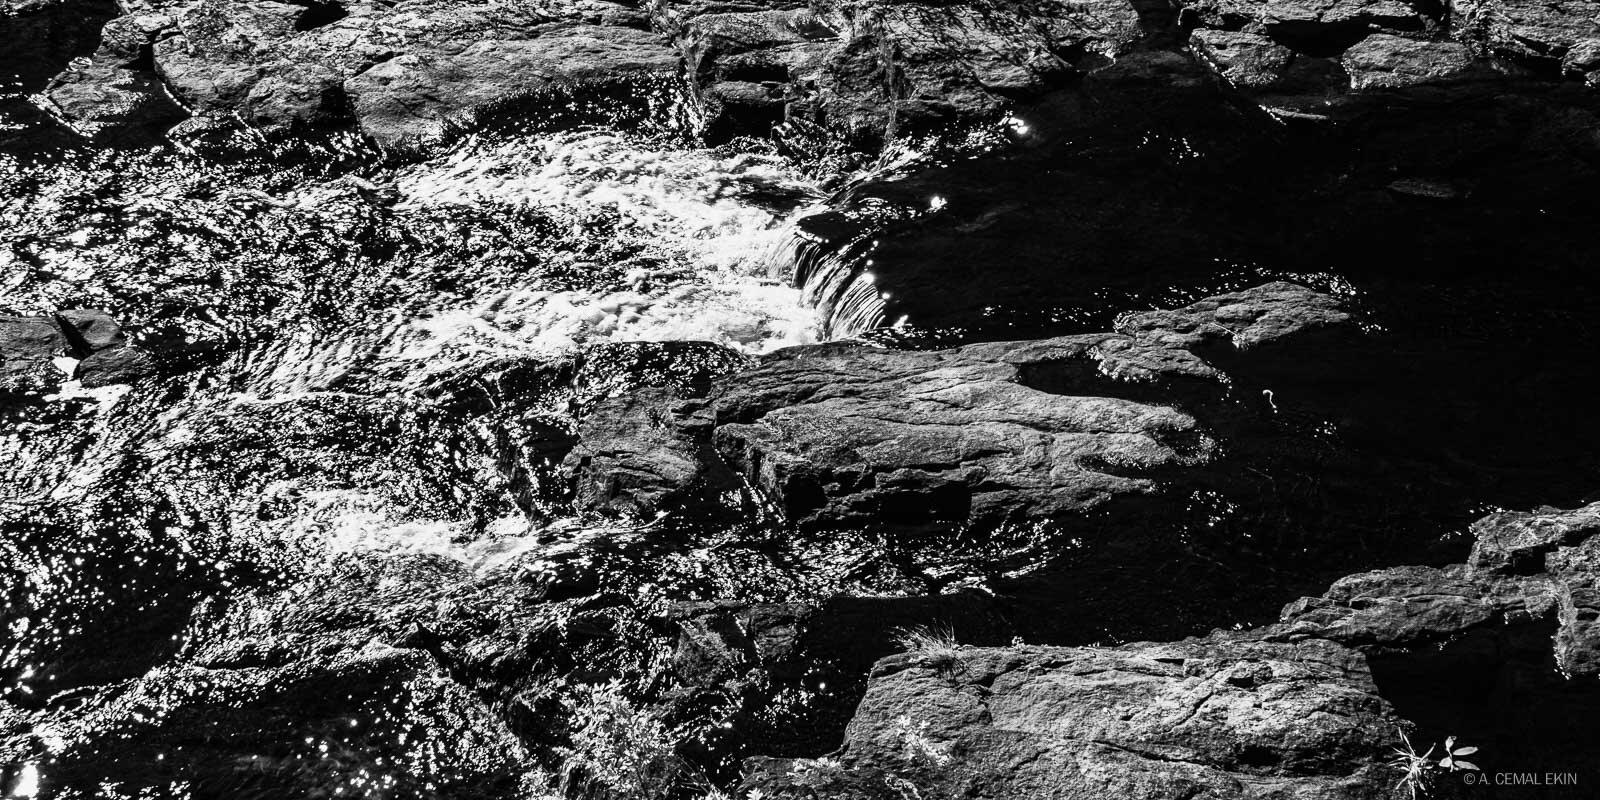 Pawtuxet River